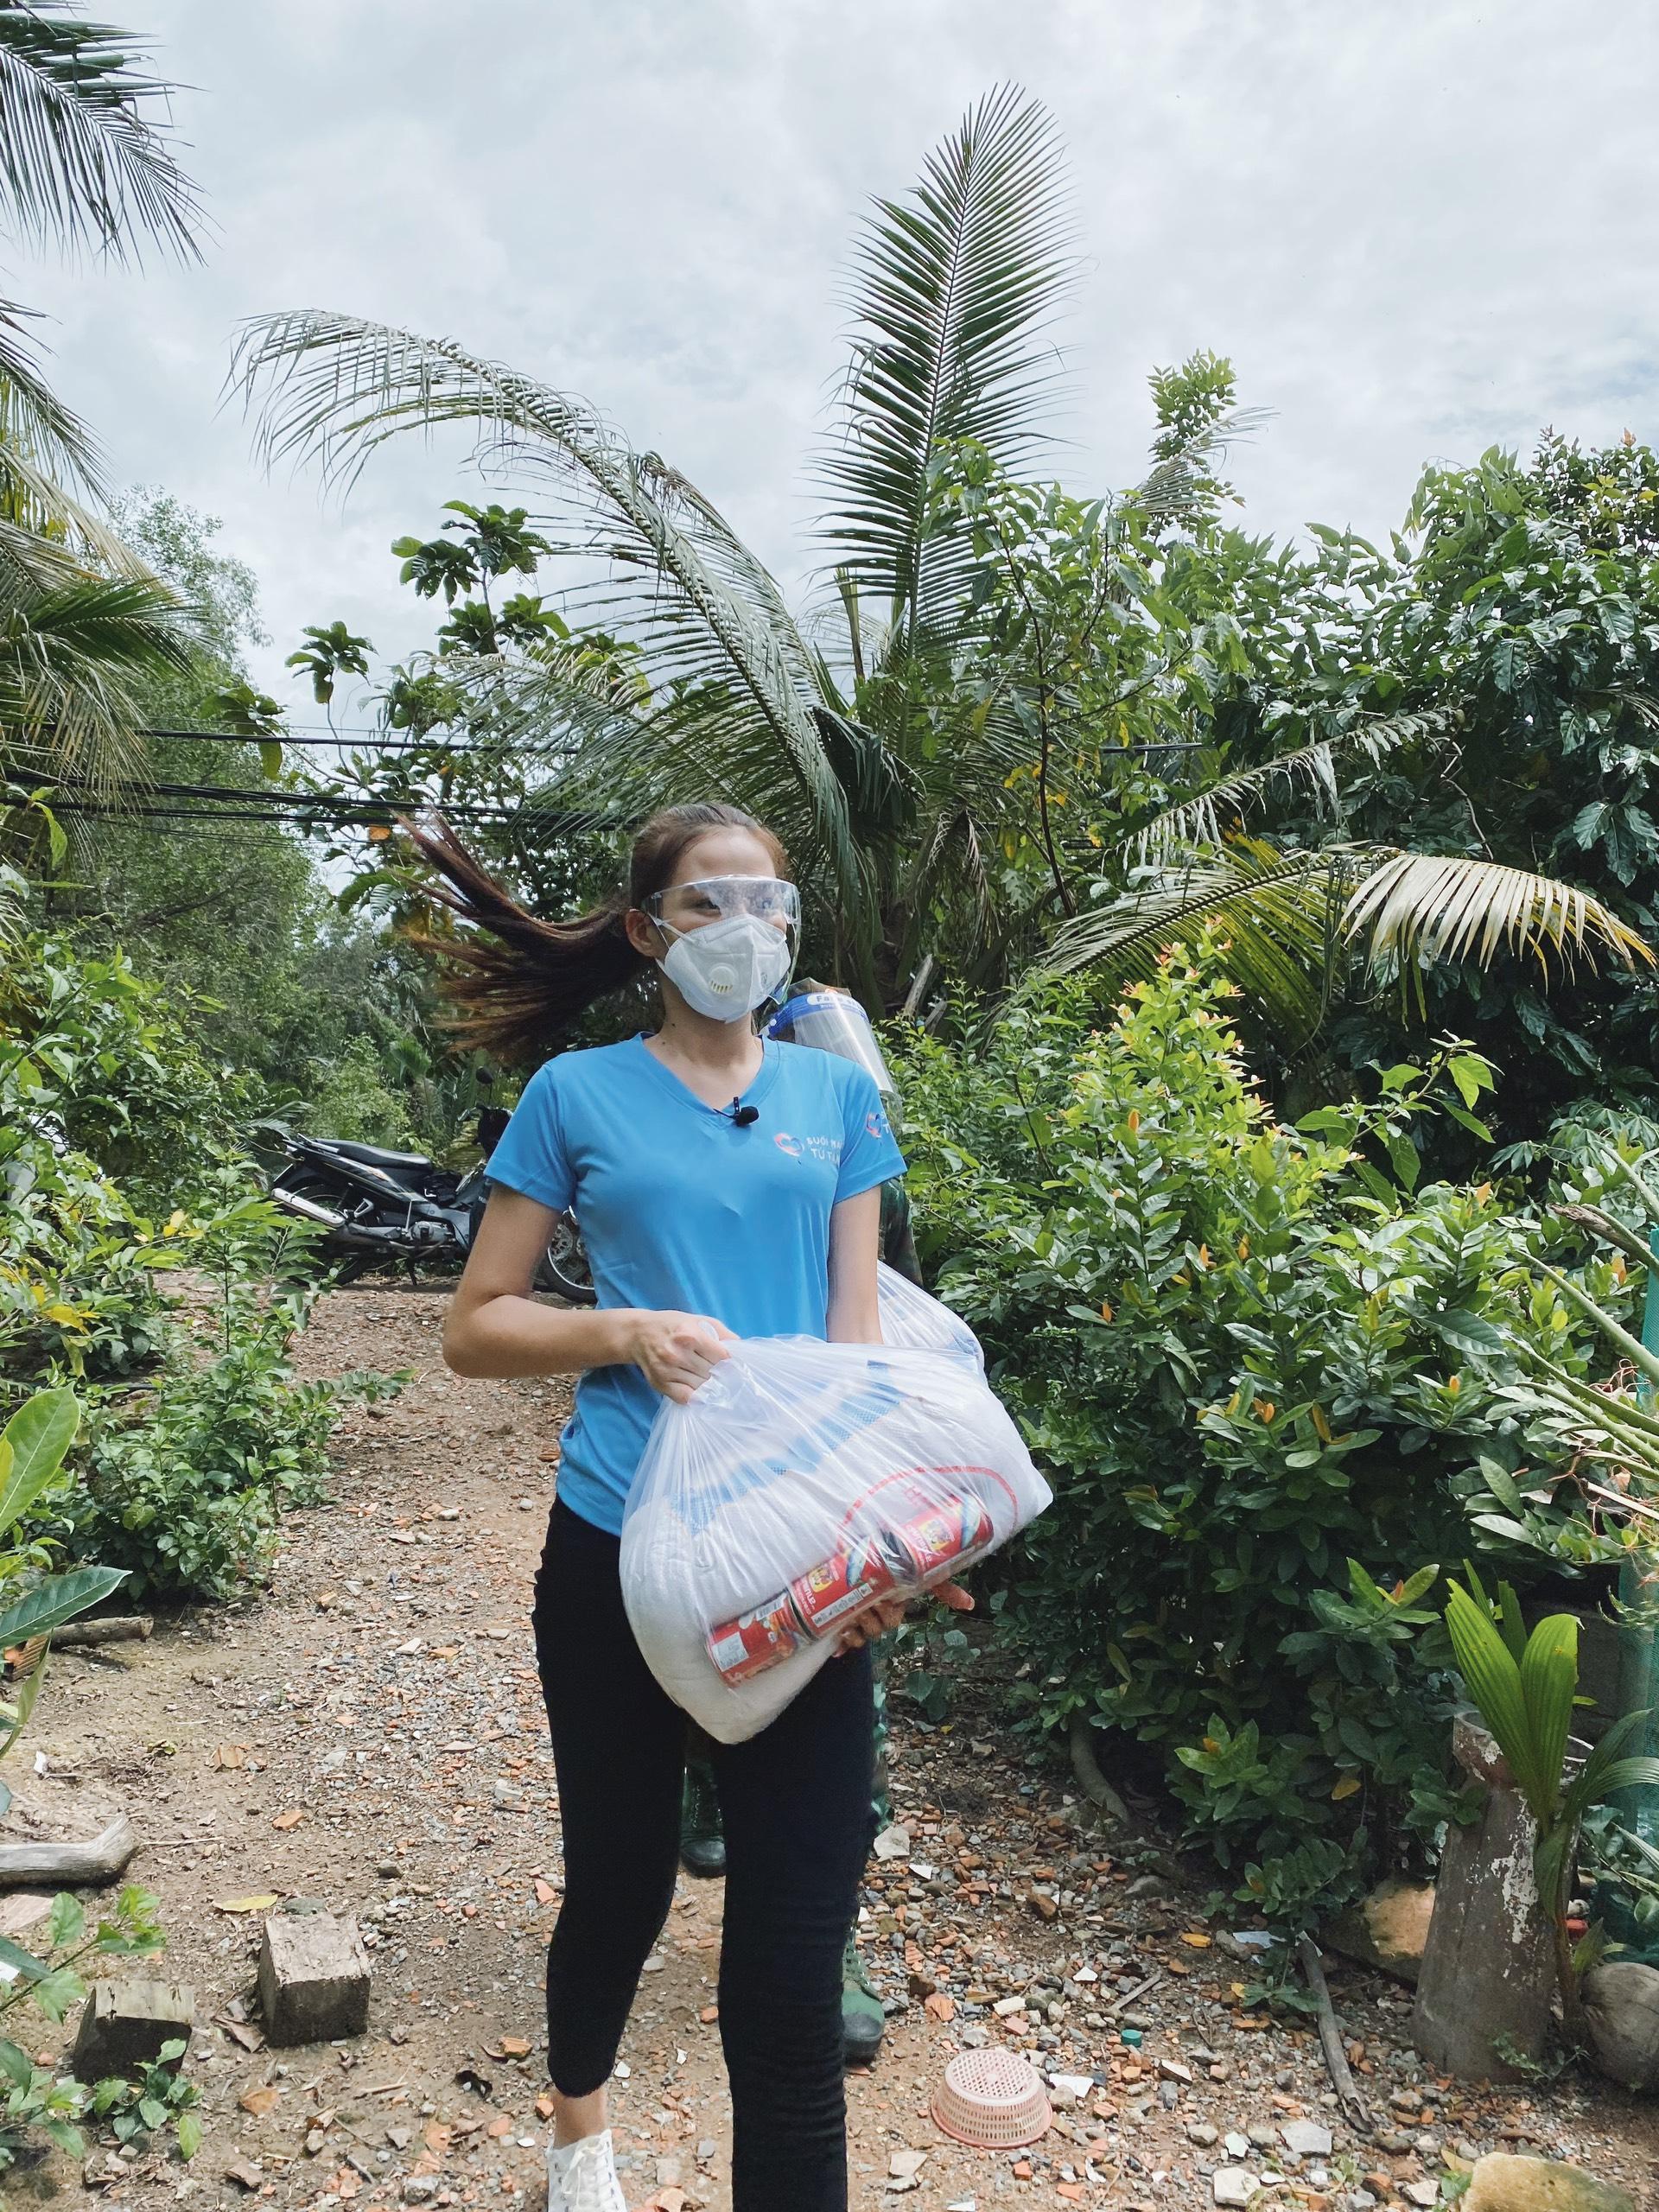 Hoa hậu Đỗ Thị Hà cứu trợ người nghèo - 2